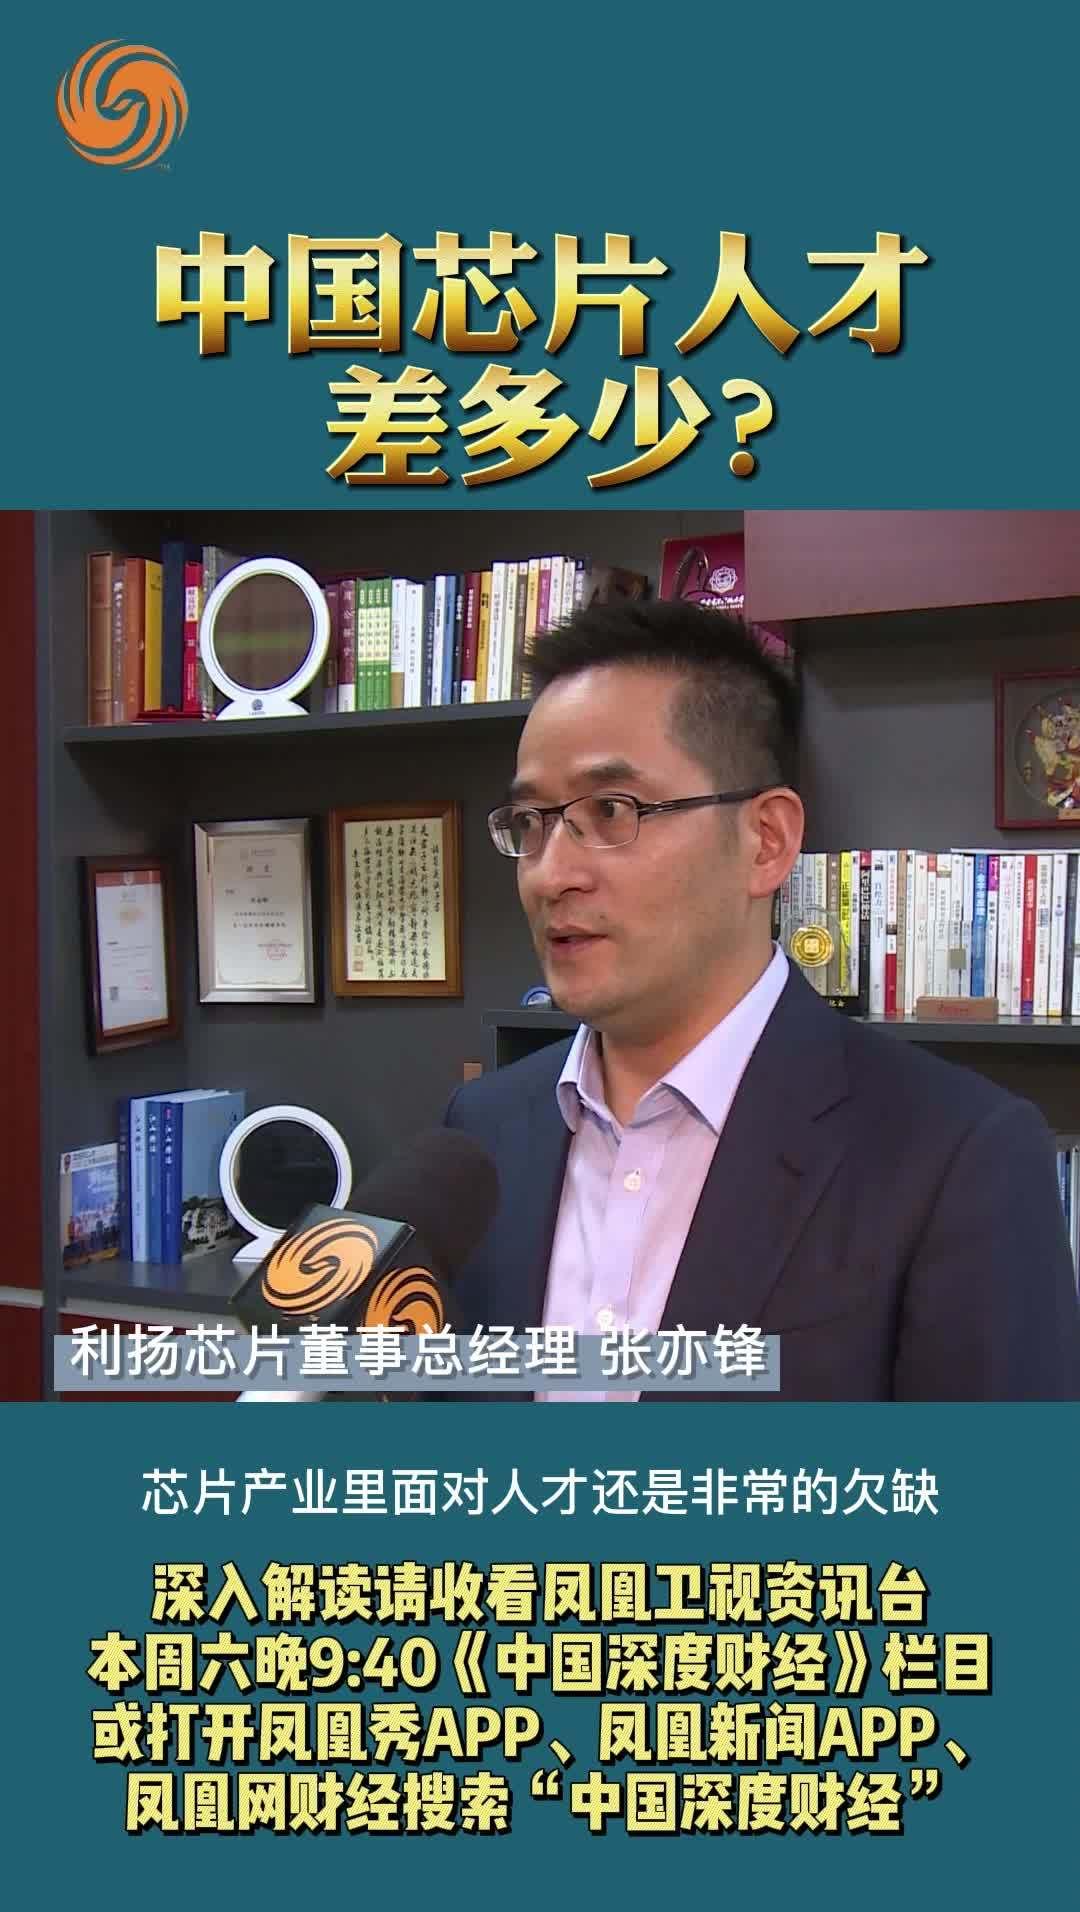 张亦锋:中国芯片人才差多少?